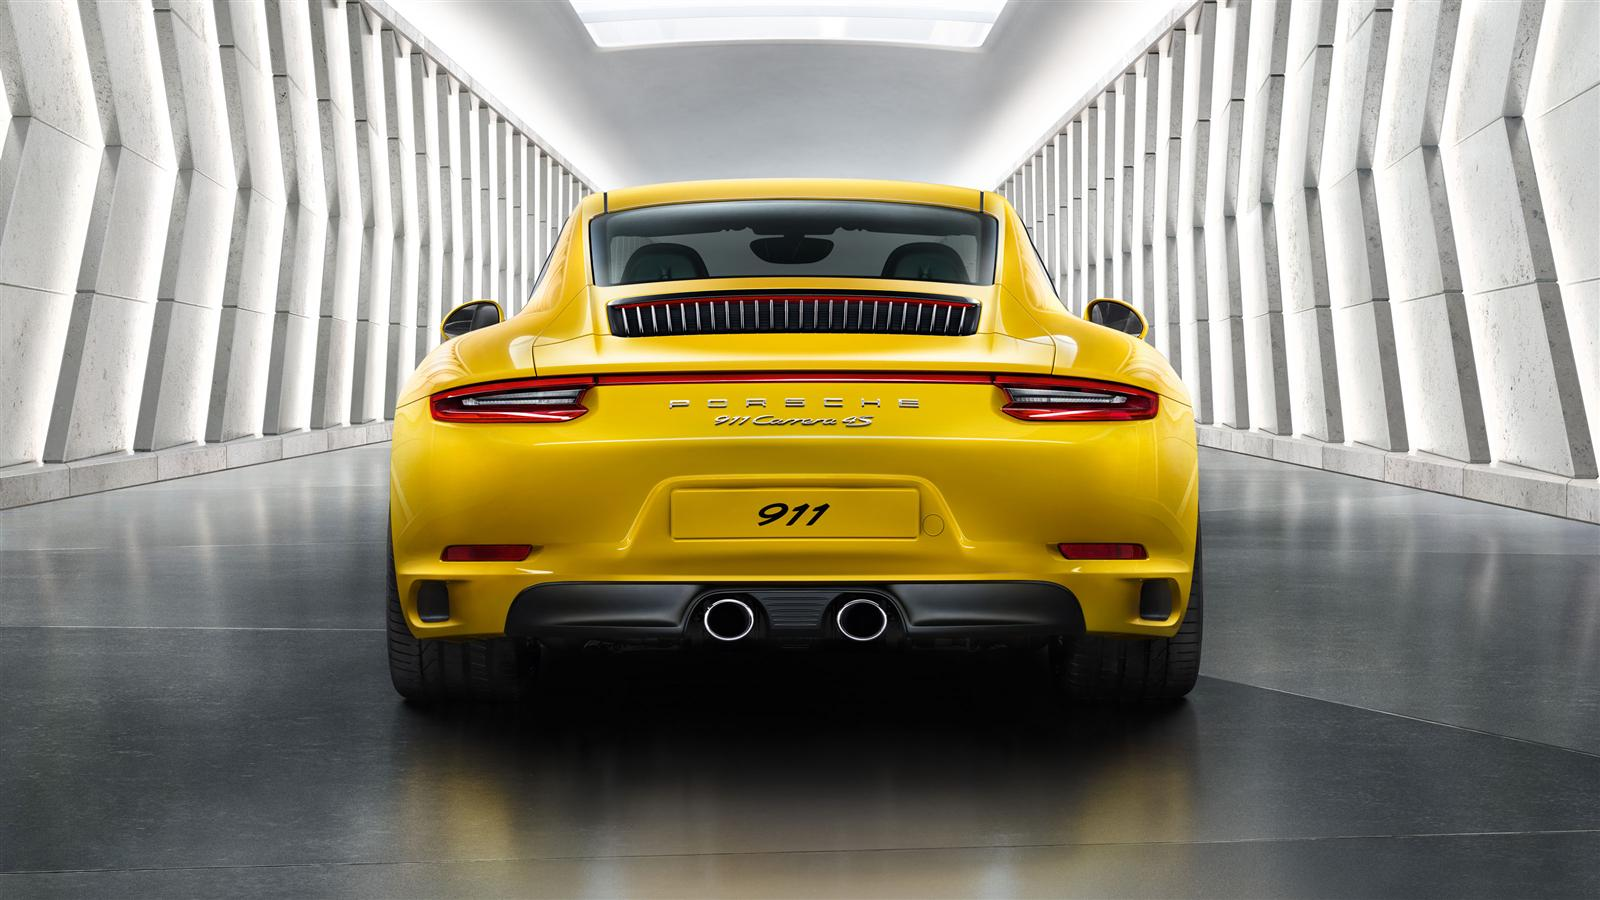 保时捷911超级跑车高清图片壁纸